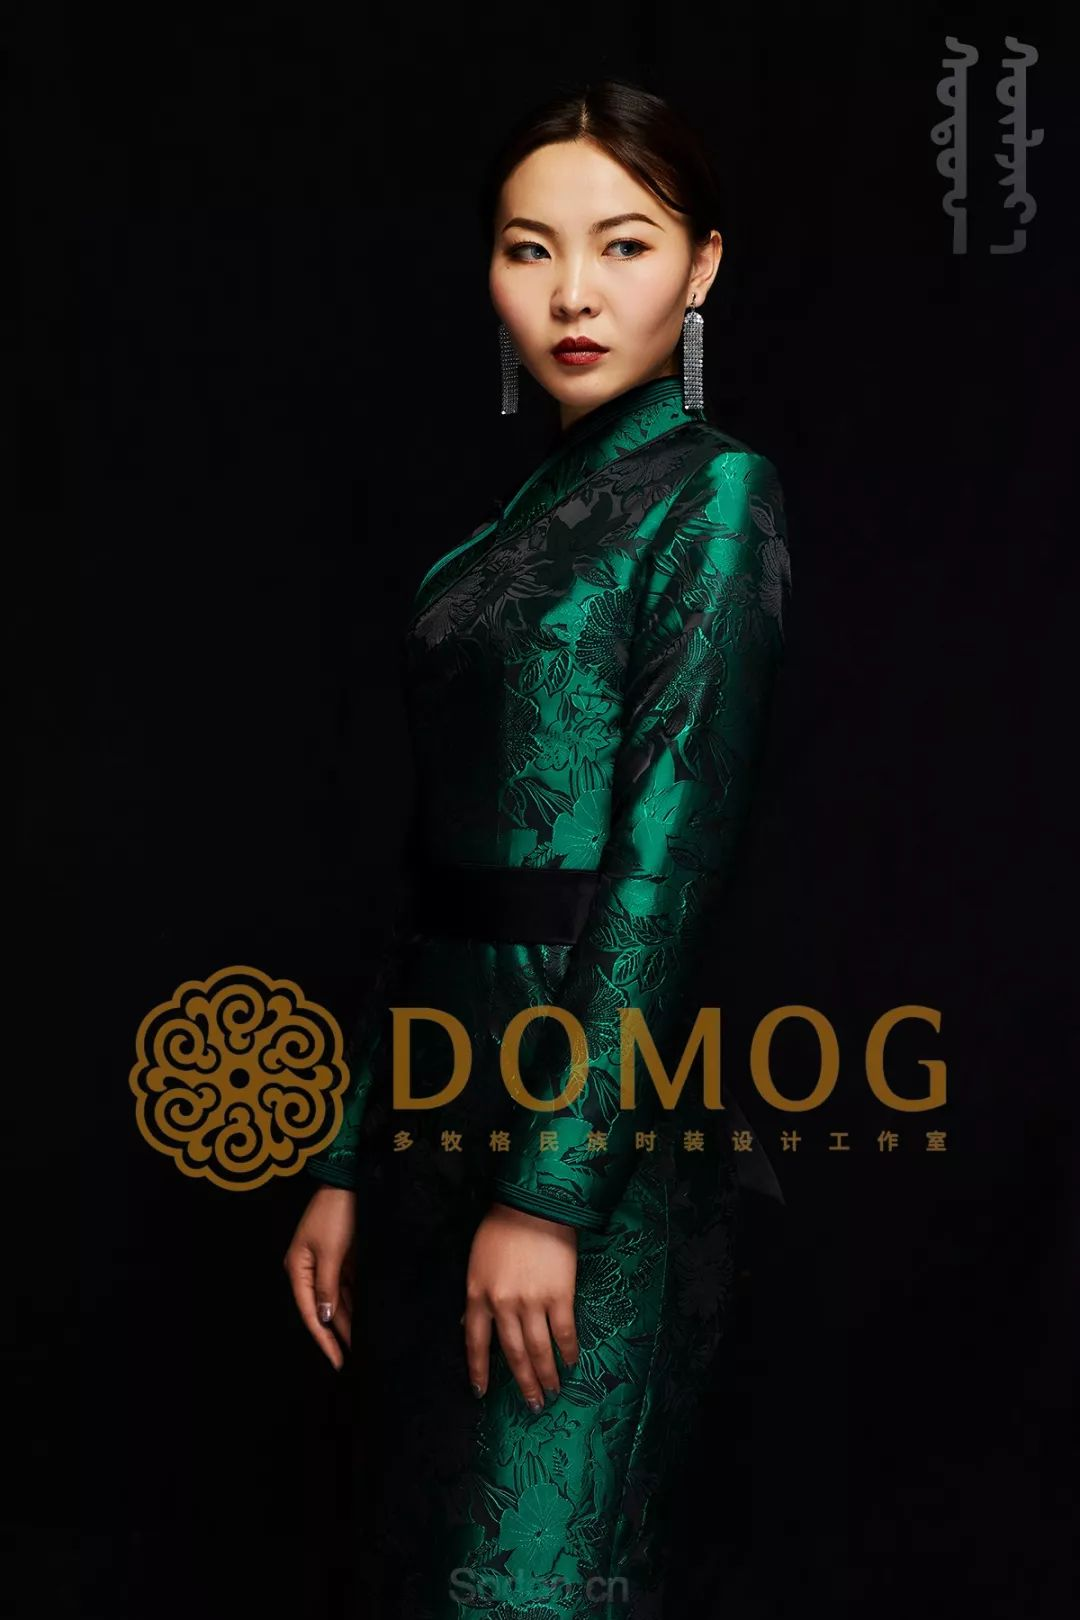 DOMOG蒙古时装绝美秋冬款系列,美出新高度! 第7张